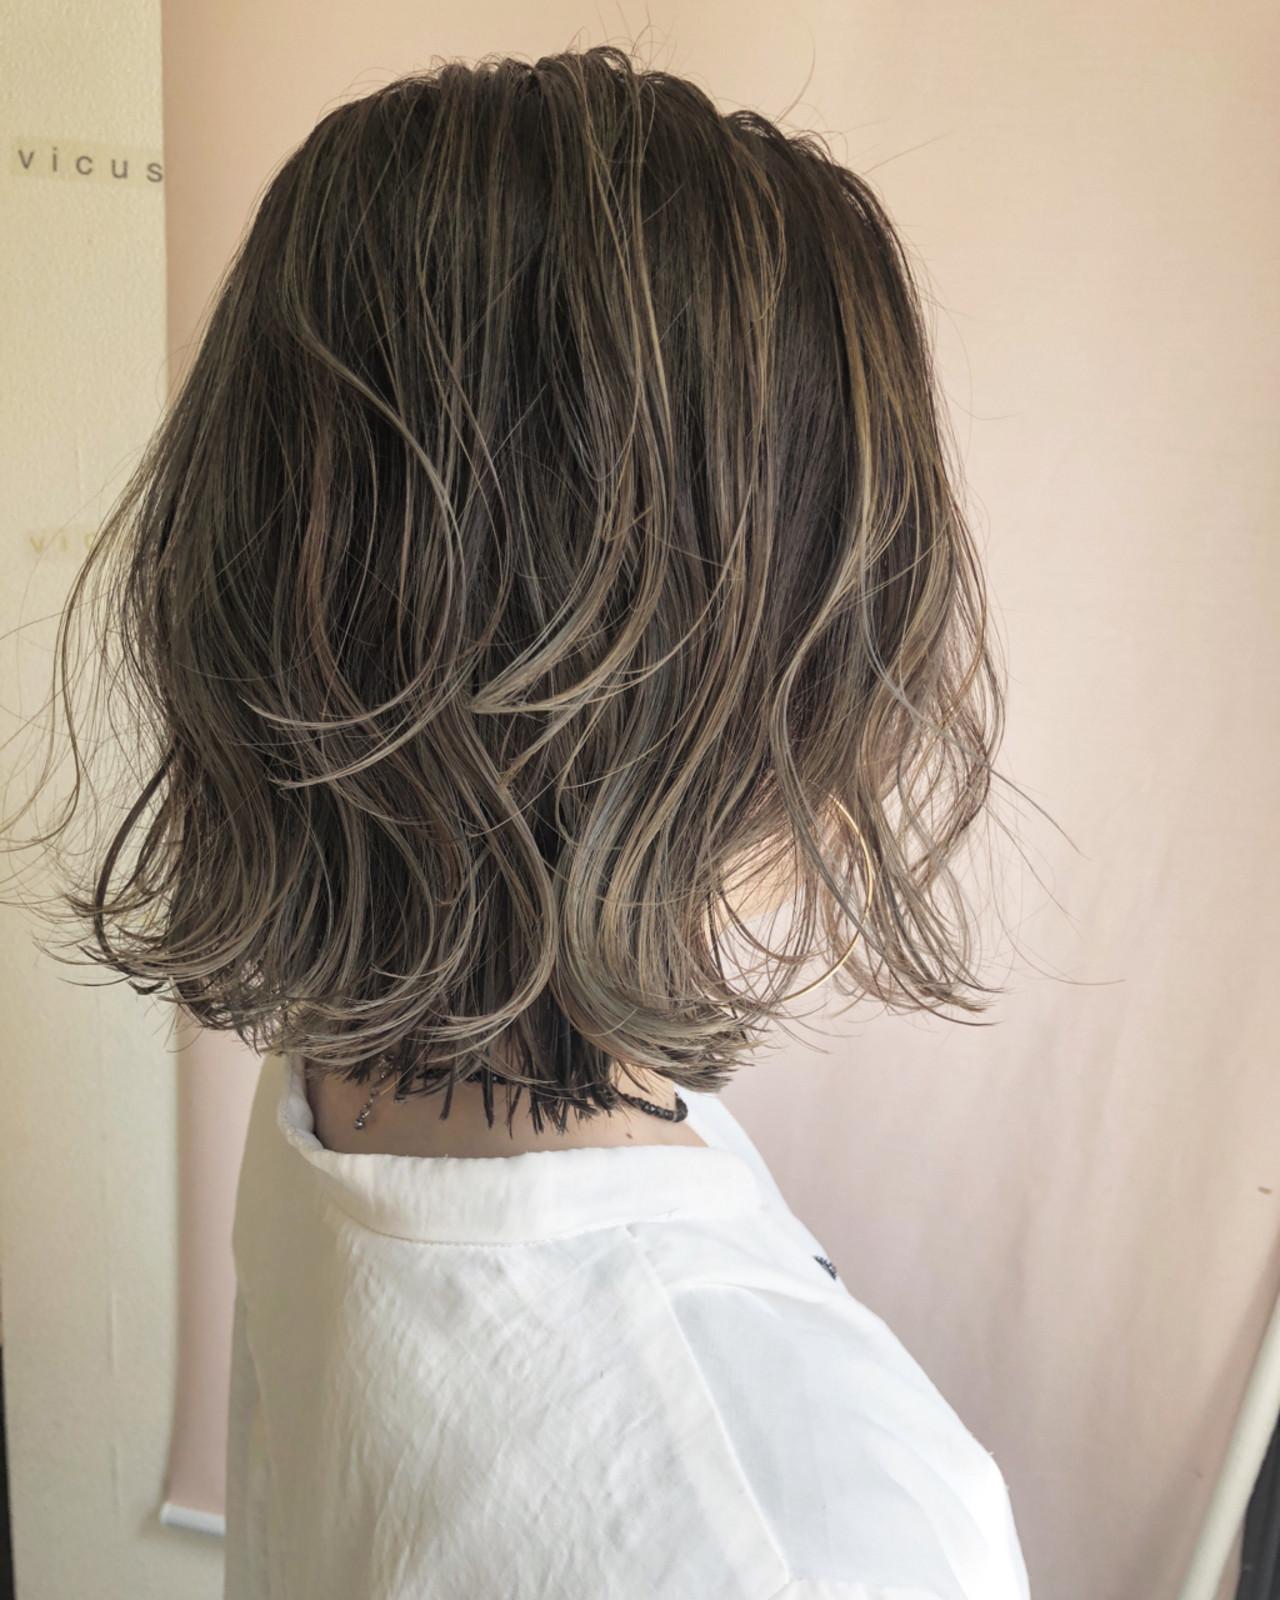 グレージュ ハイライト ロブ 外国人風カラー ヘアスタイルや髪型の写真・画像